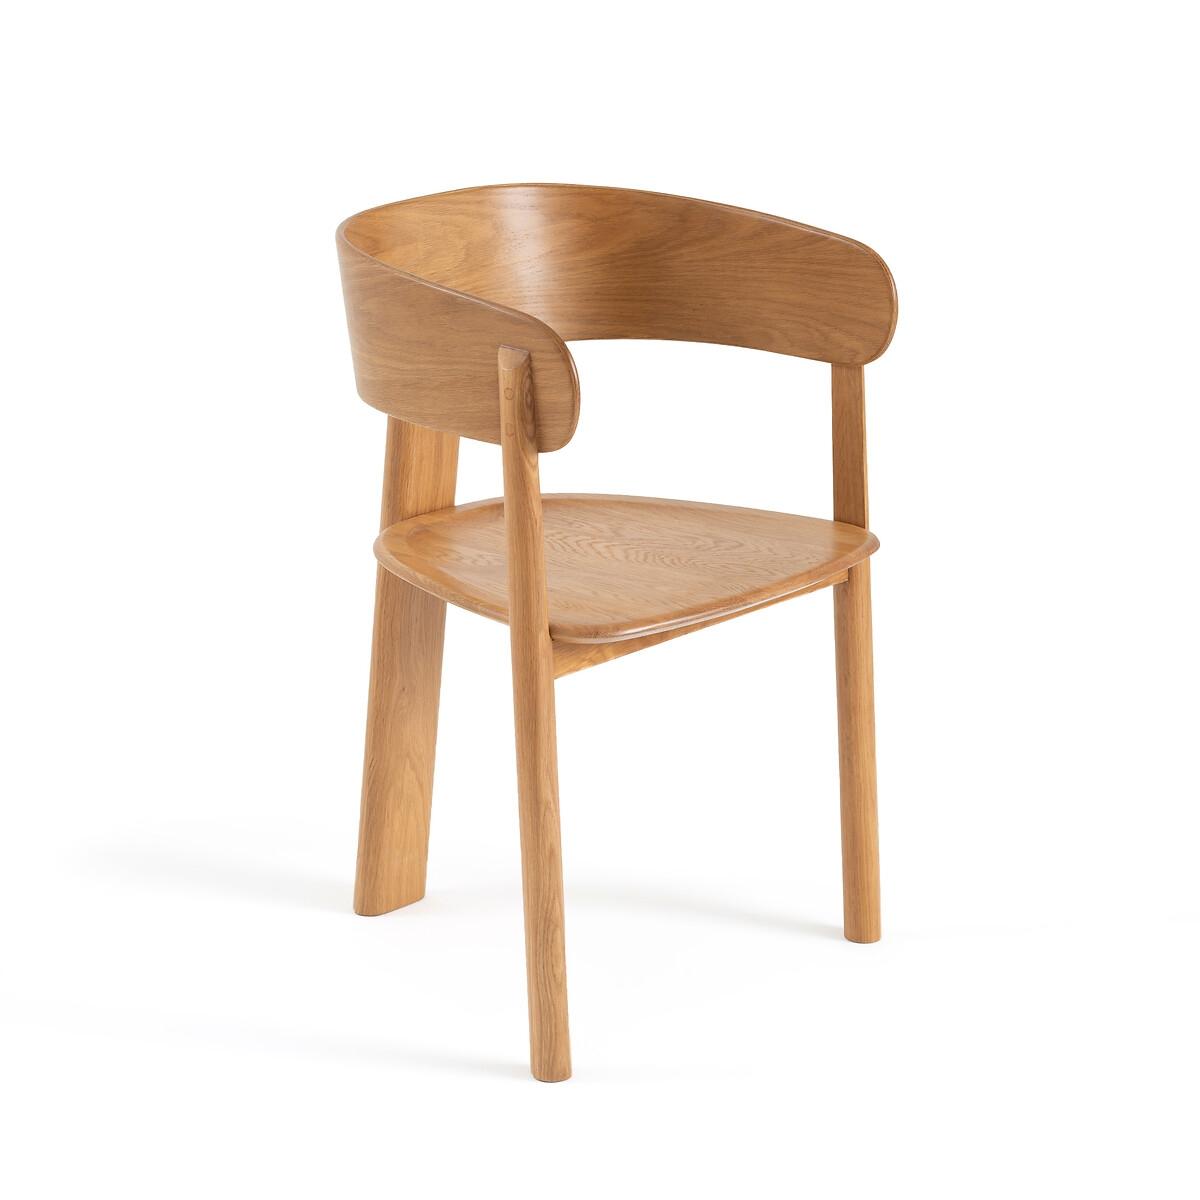 Кресло La Redoute Для столовой Marais дизайн Э Галлина единый размер каштановый комод bardi дизайн э галлина